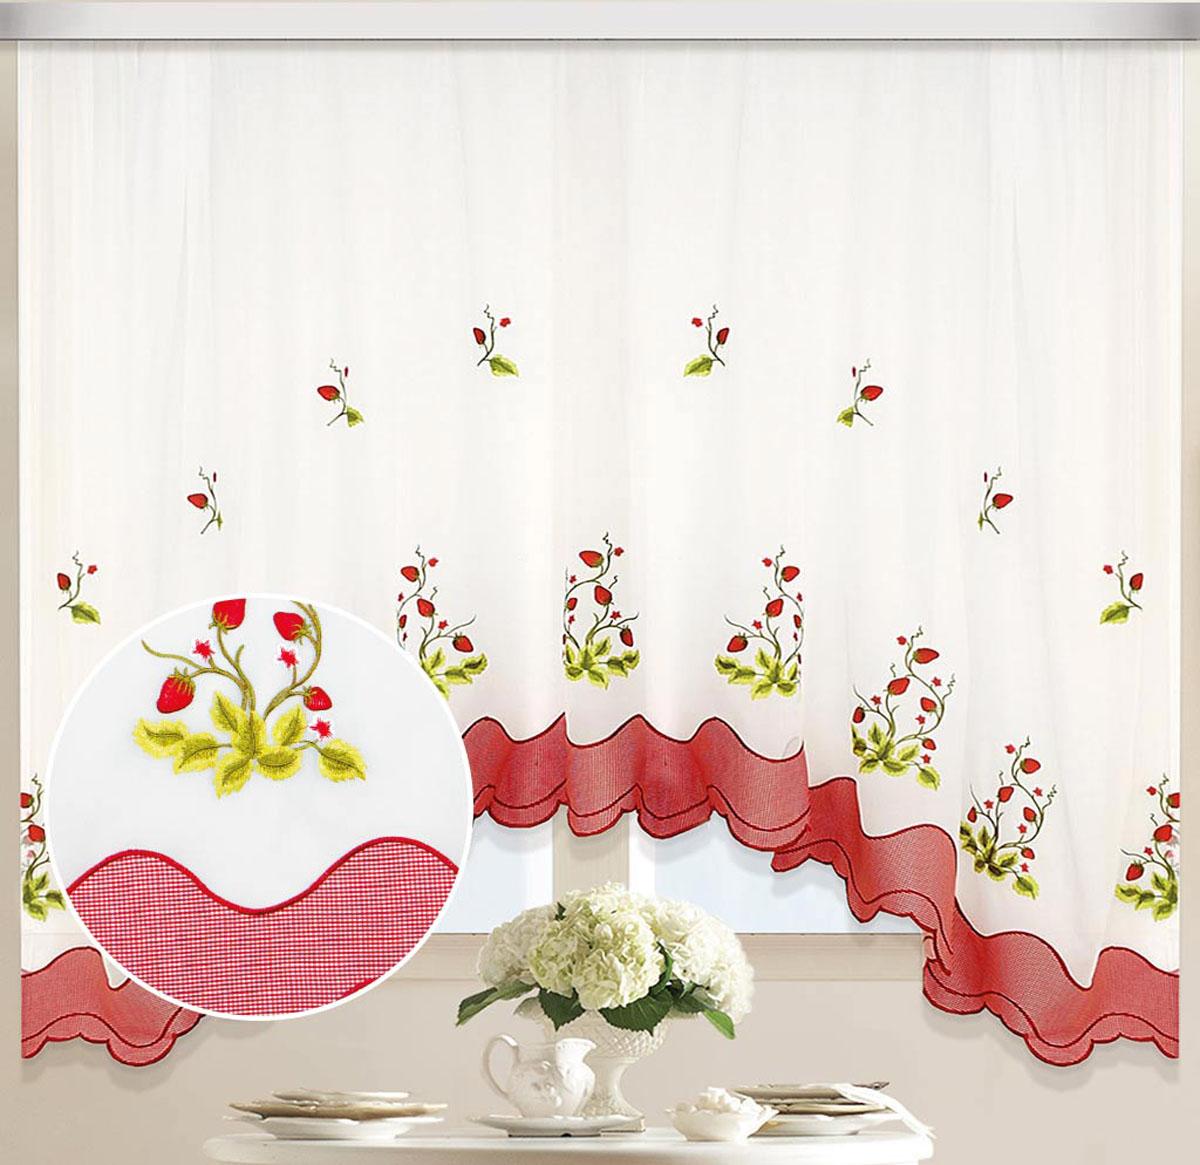 Штора-арка ТД Текстиль Земляничка, на ленте, цвет: белый, красный, высота 170 смС W1687 V79089Штора-арка ТД Текстиль Земляничка великолепно украсит любое окно. Штора выполнена из качественного вуалевого полотна (полиэстера) и украшена вышивкой.Полупрозрачная ткань, оригинальный дизайн и приятная цветовая гамма привлекут к себе внимание и позволят шторе органично вписаться в интерьер помещения.Штора крепится на карниз при помощи шторной ленты, которая поможет красиво и равномерно задрапировать верх. Изделие отлично подходит для кухни, столовой, спальни.